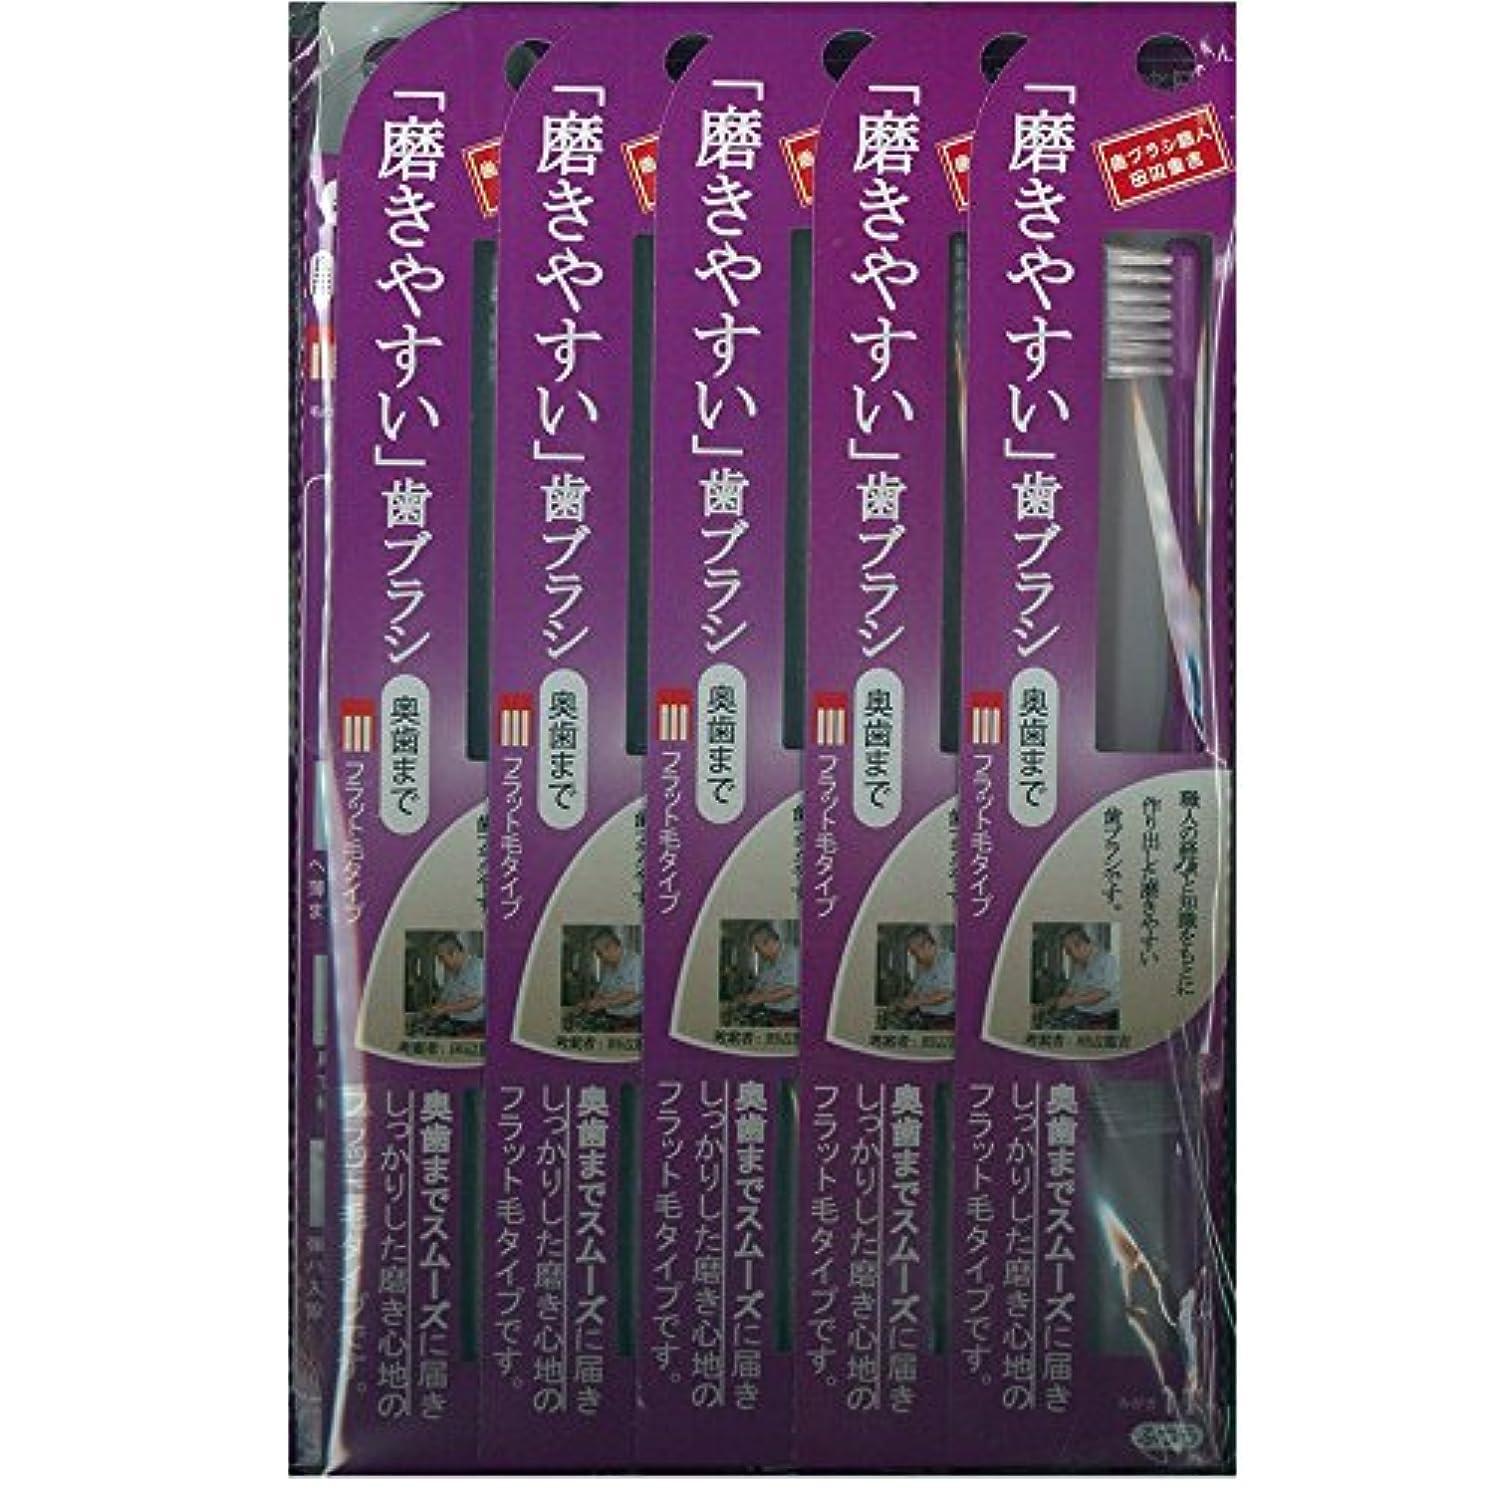 ものにもかかわらずバリア磨きやすい歯ブラシ(奥歯まで)フラット LT-11×12本セット( ピンク×4本、ブルー×4本、グリーン×2本、パープル×2本)